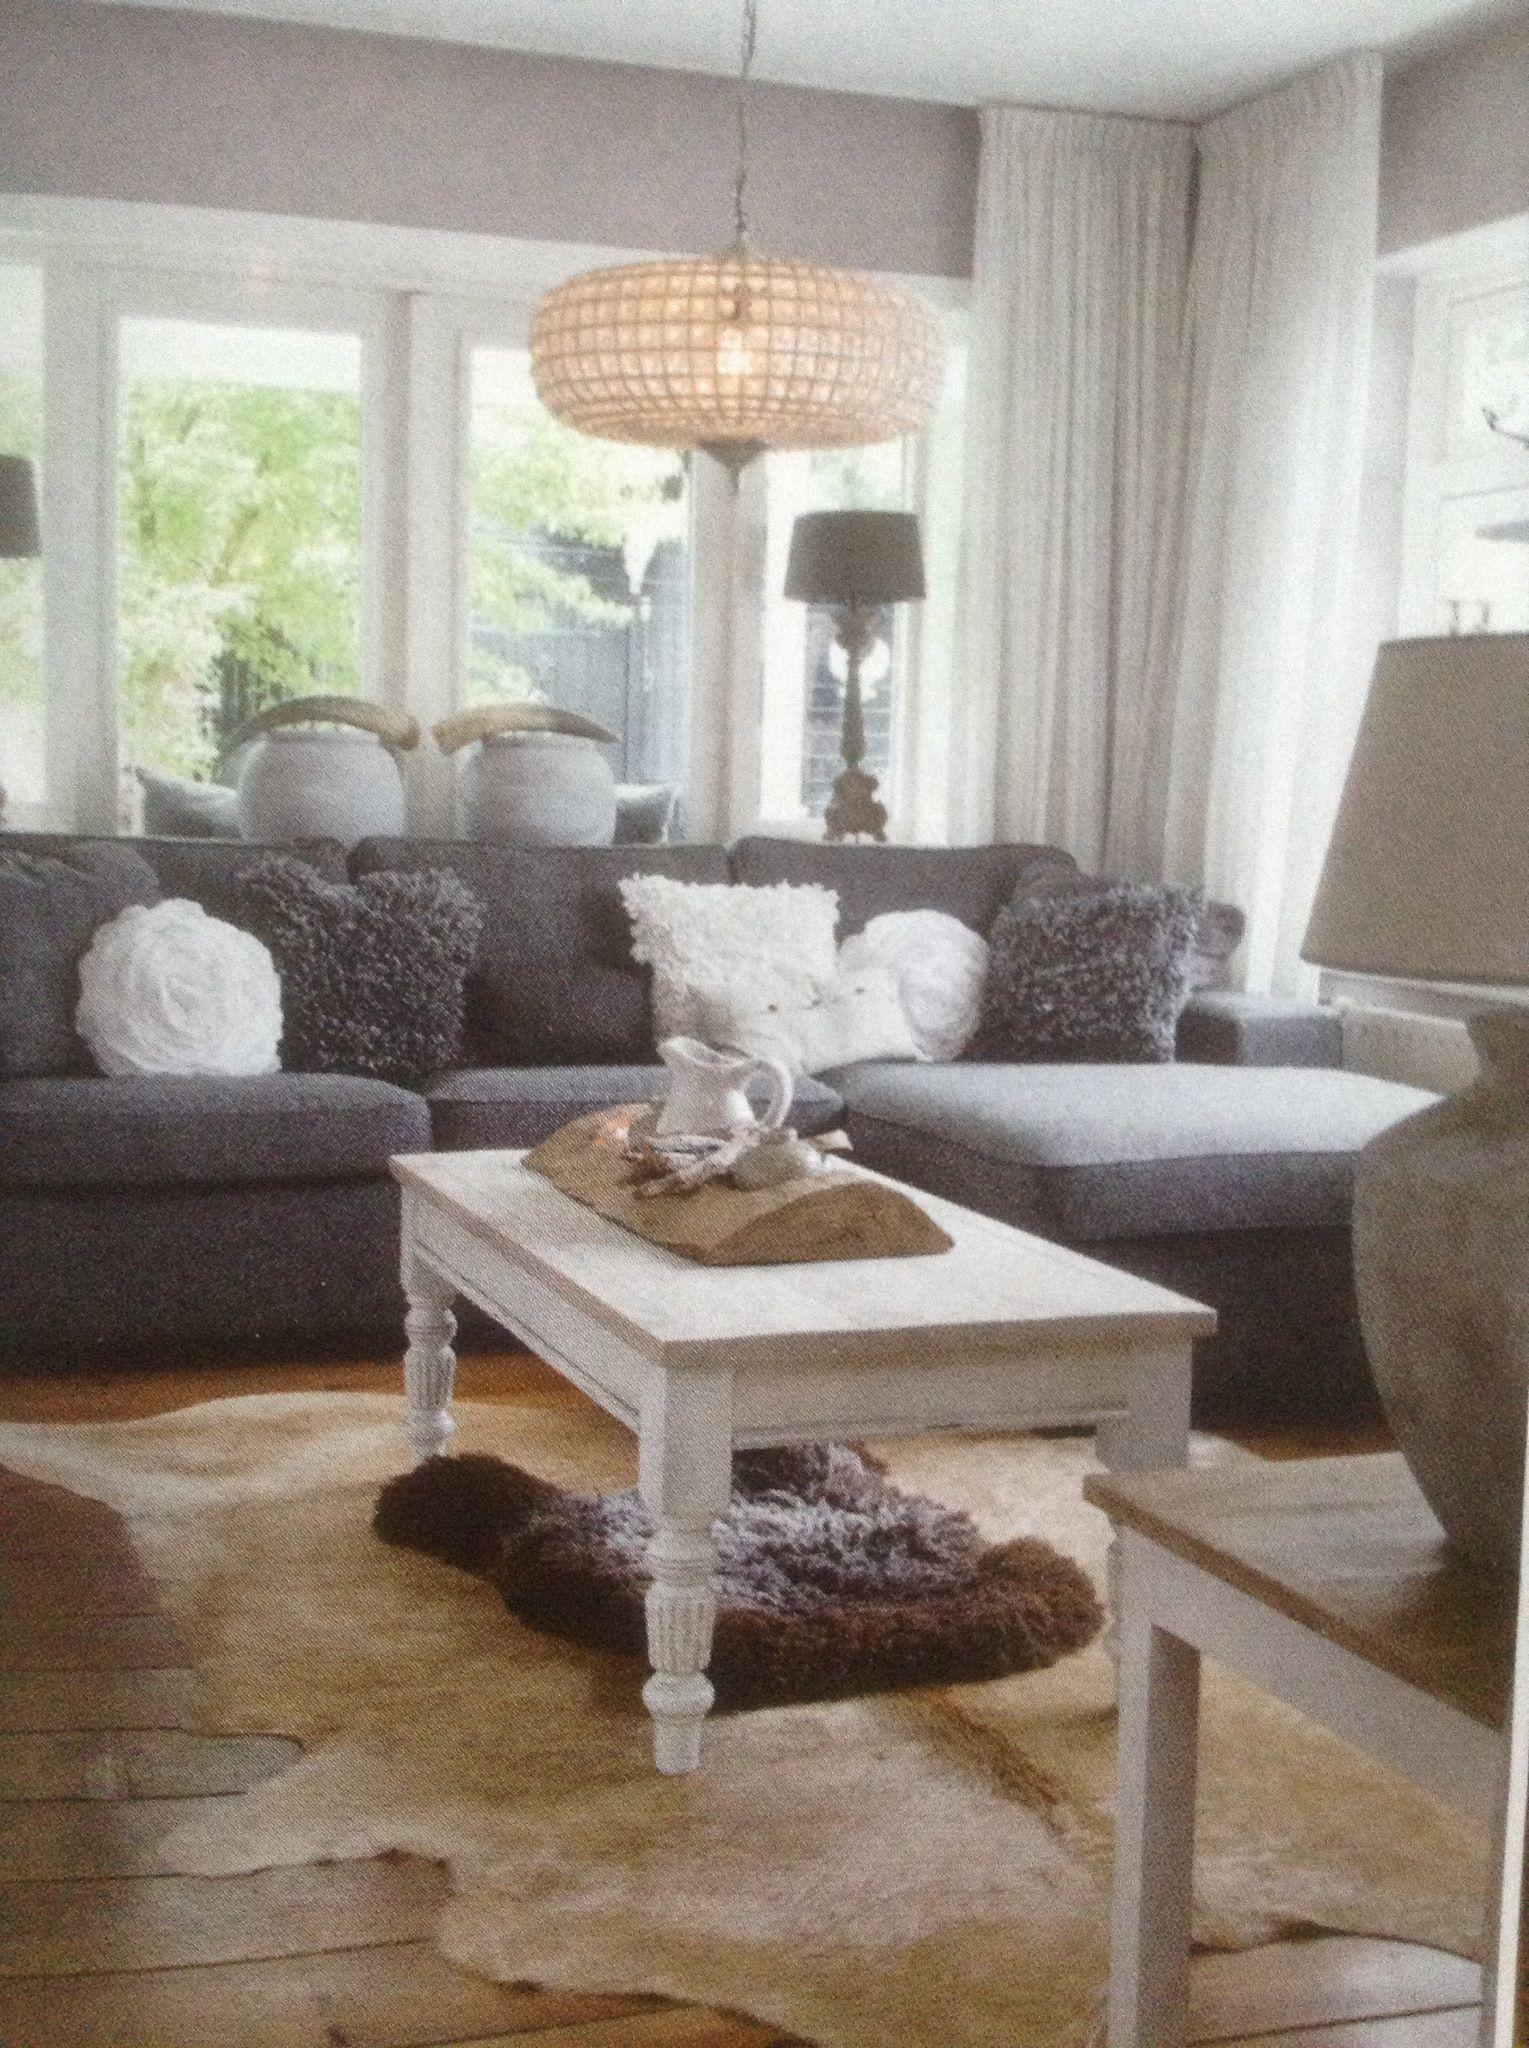 Sfeerplaatje woonkamer - wonen landelijke stijl- | Hoekbanken ...